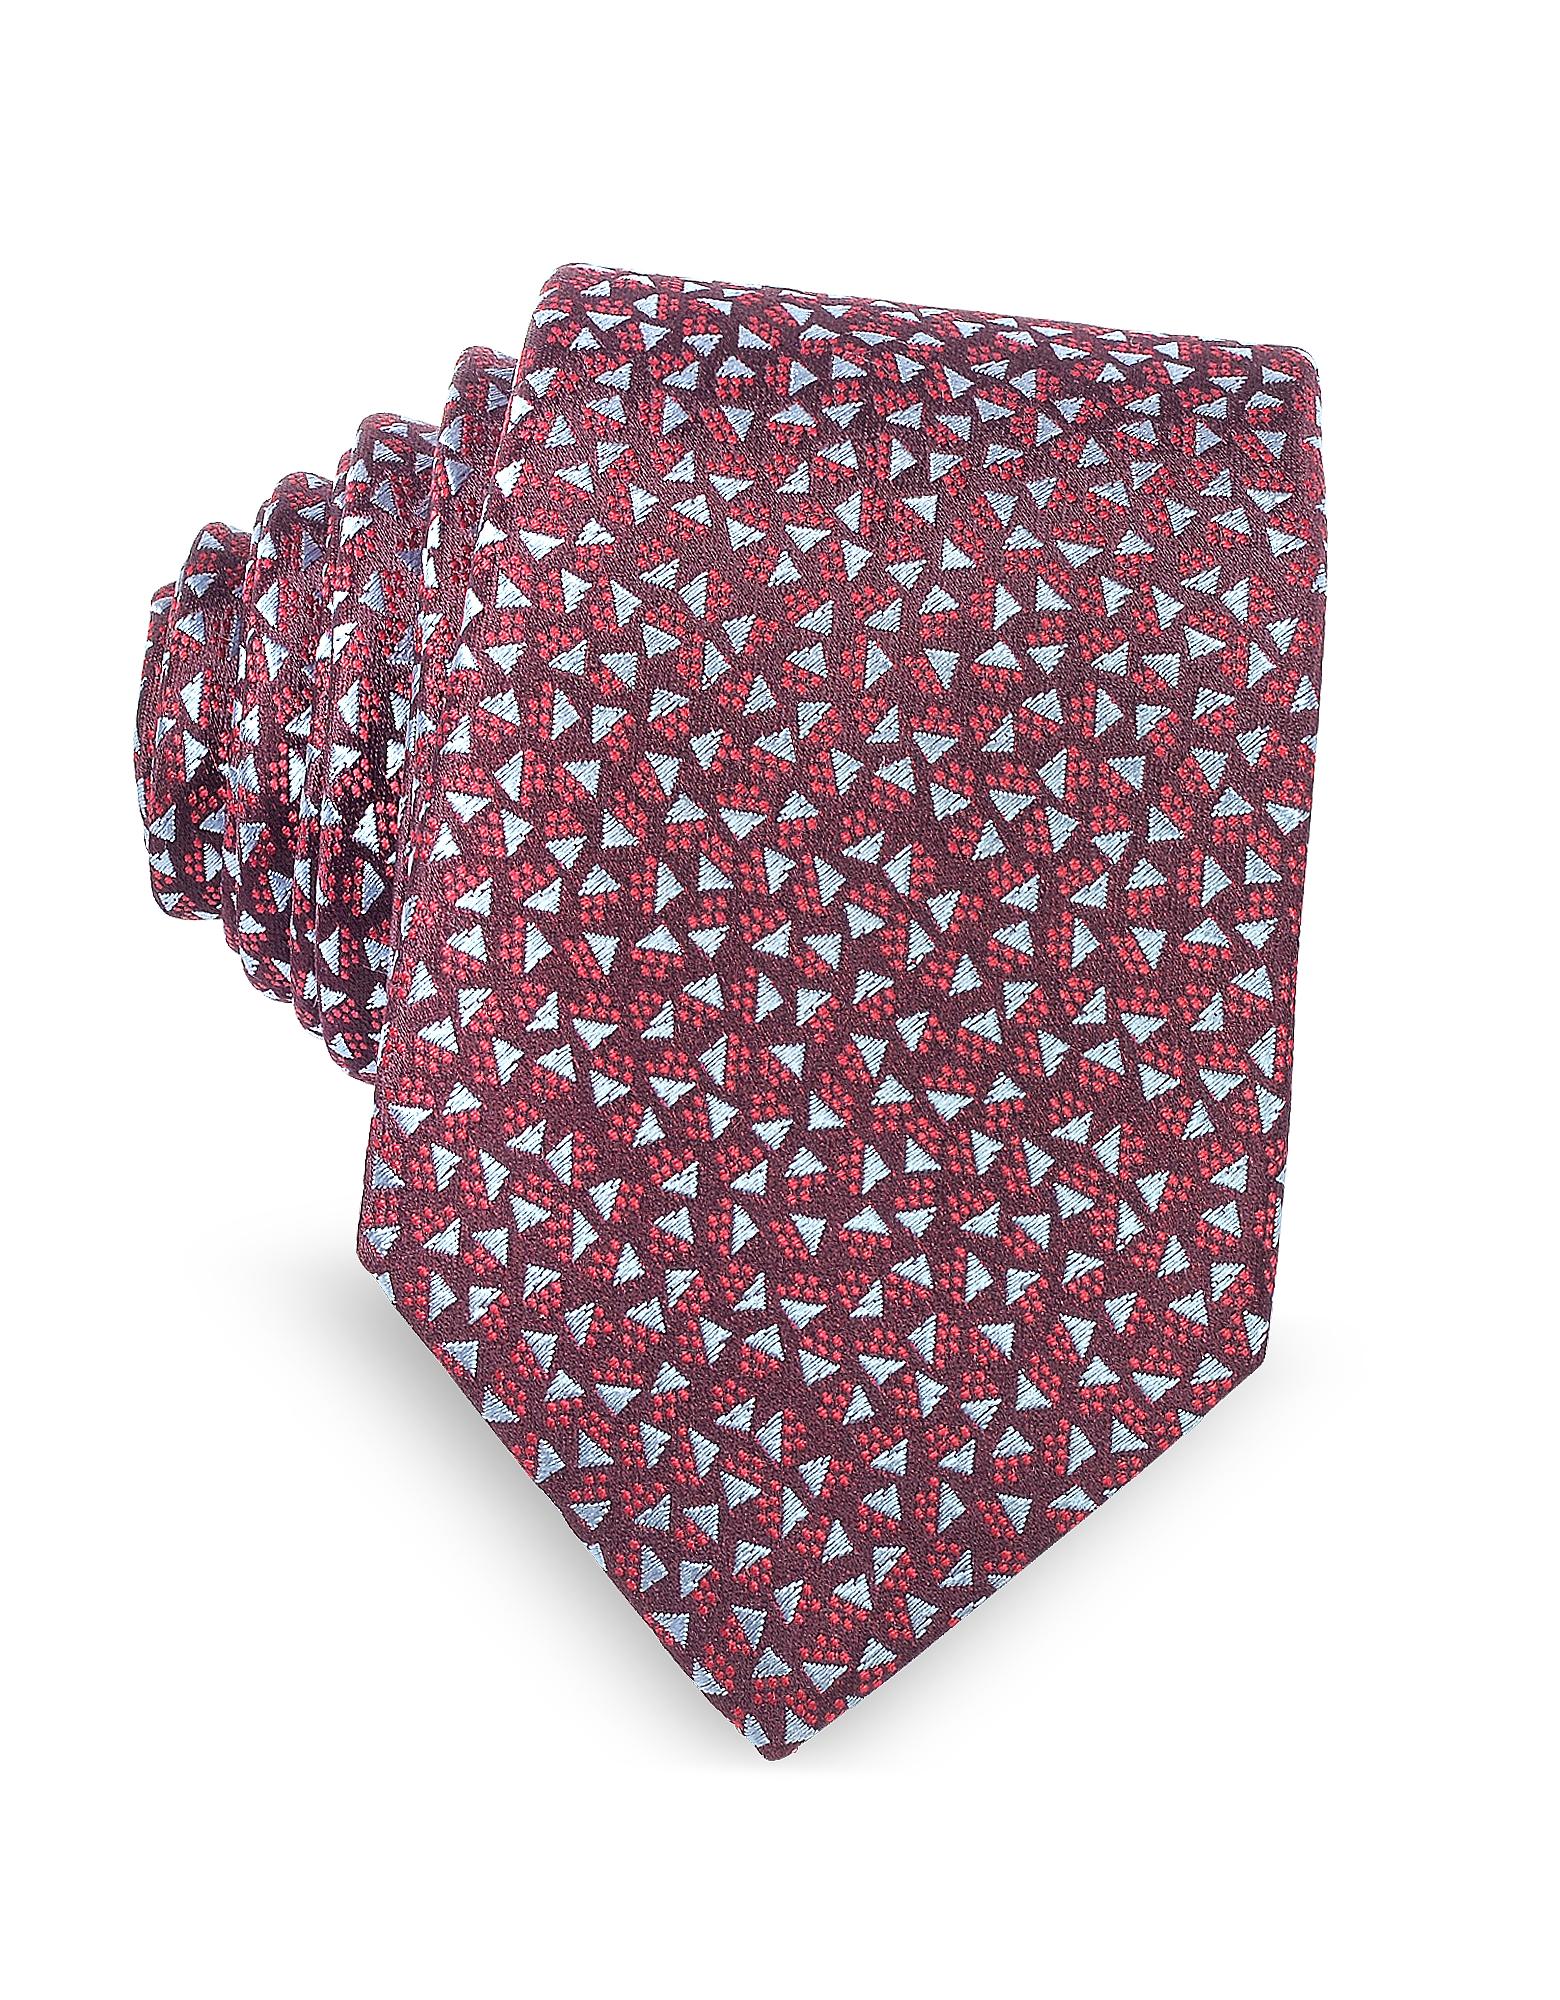 Бордовый Галстук из Текстурного Шелка с Геометрическим Узором Квадратов